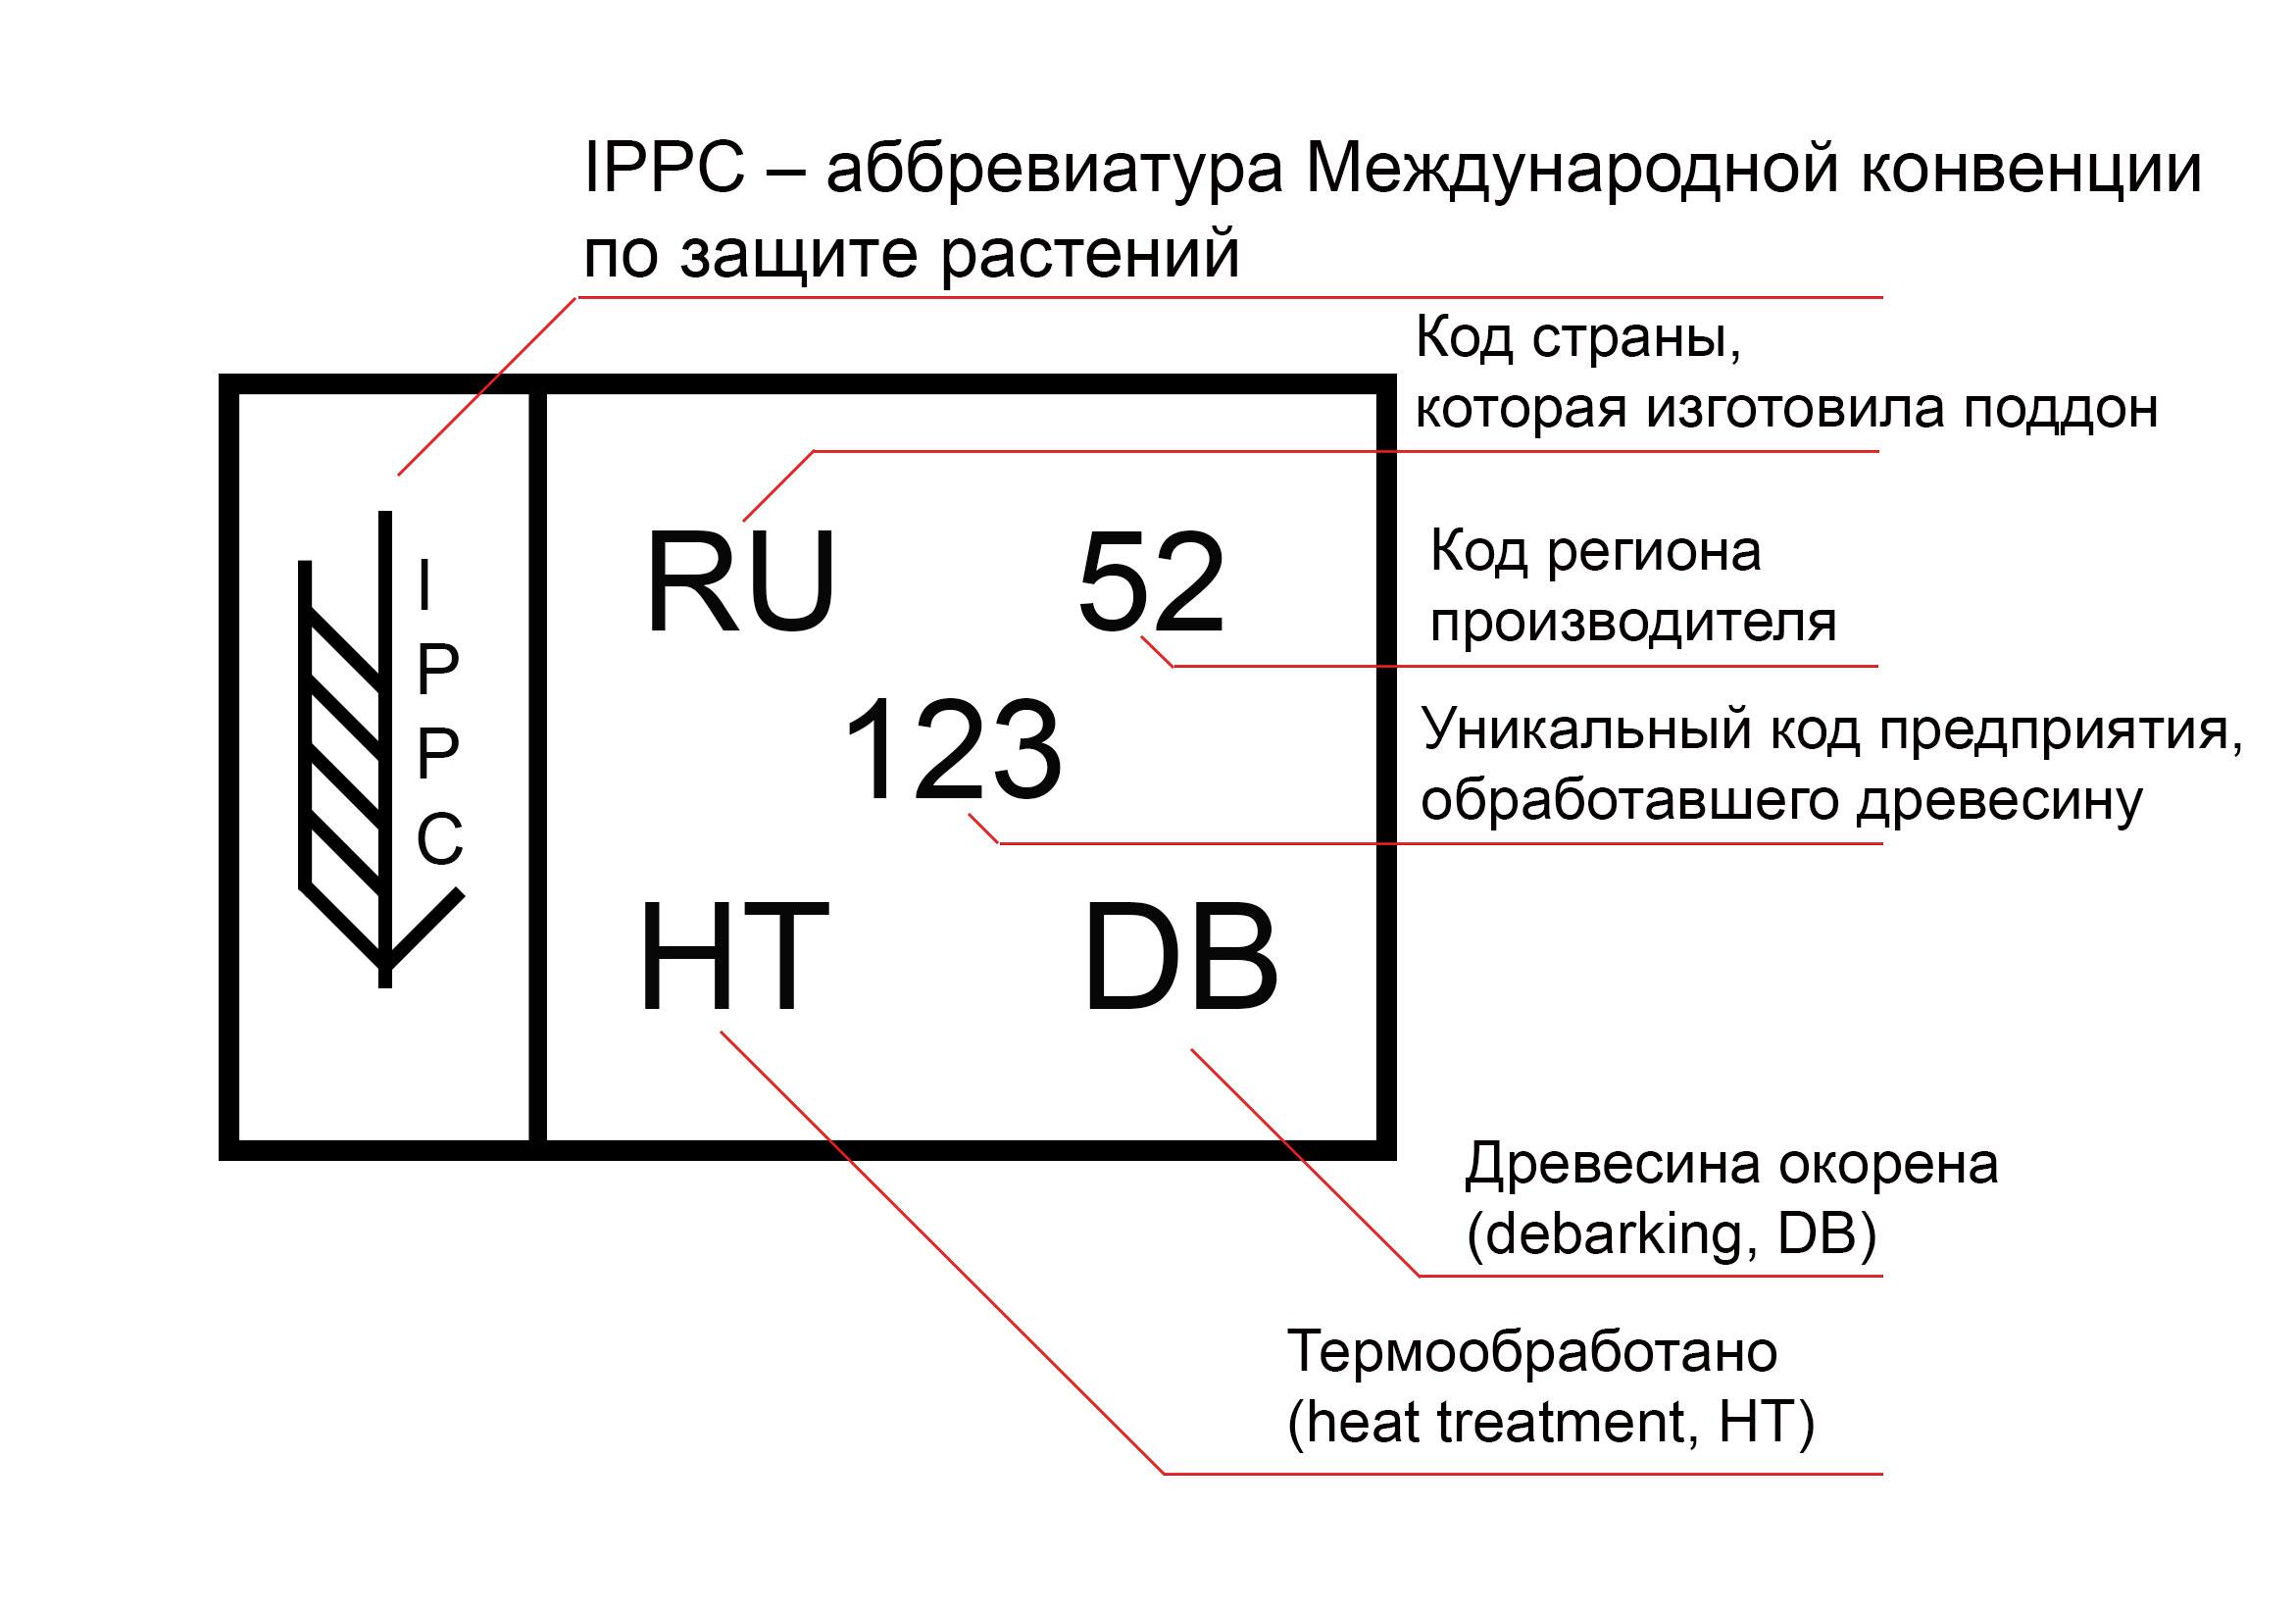 Фитосанитарное клеймо (IPPC) - фото Фитосанитарное клеймо маркировка